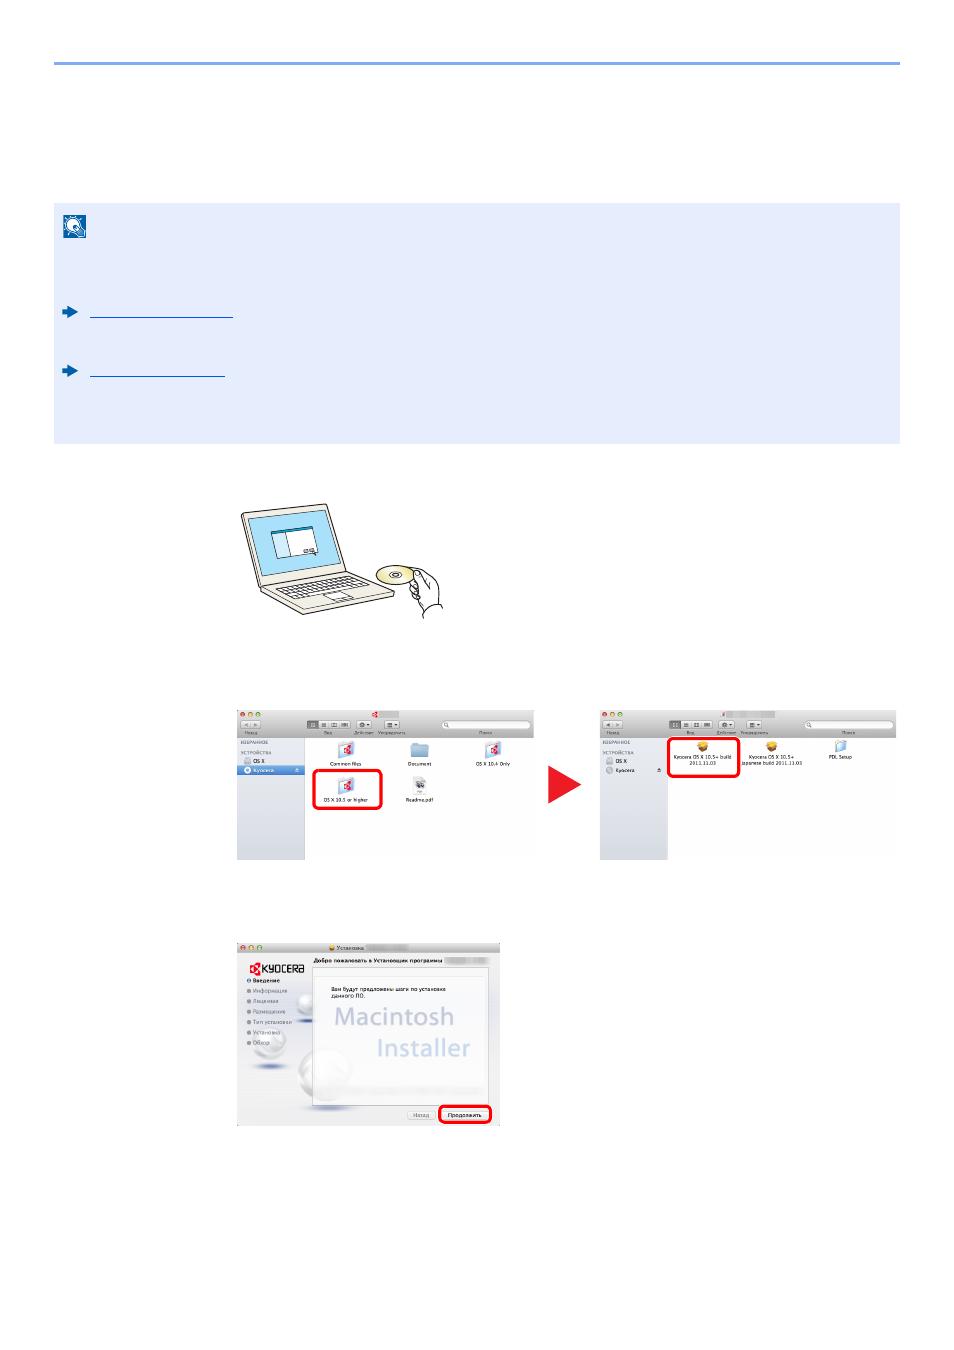 Инструкция пользователю компьютером макинтош